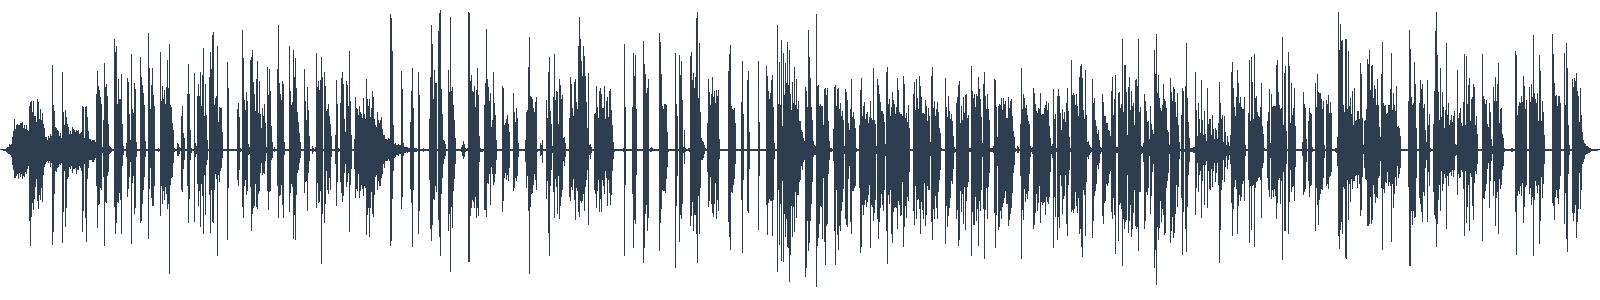 Paní Hemingwayová (ukázka z audioknihy) waveform